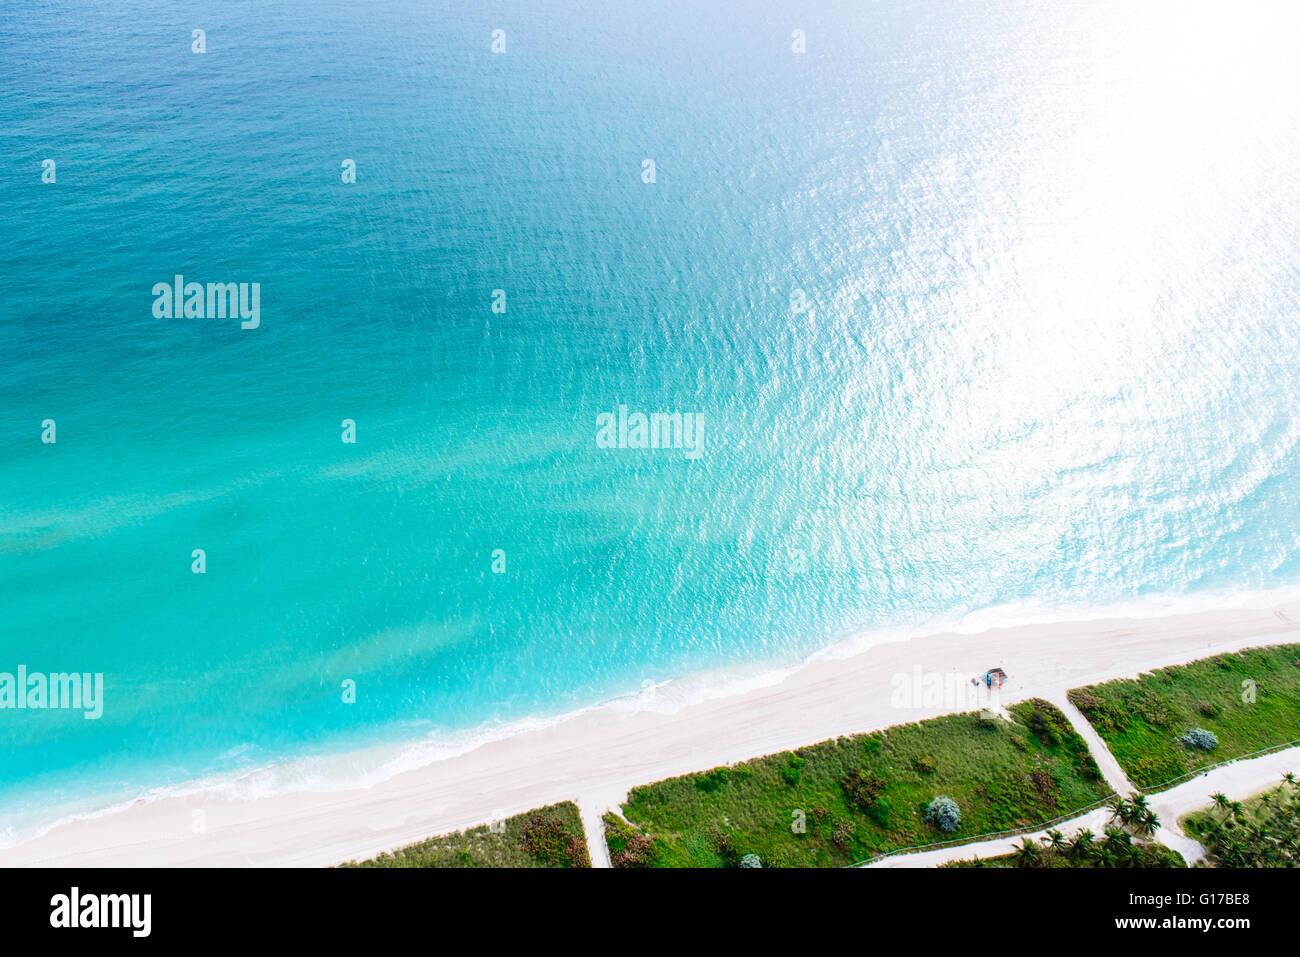 Vista aerea del mare e del litorale, Miami, Florida, Stati Uniti d'America Immagini Stock